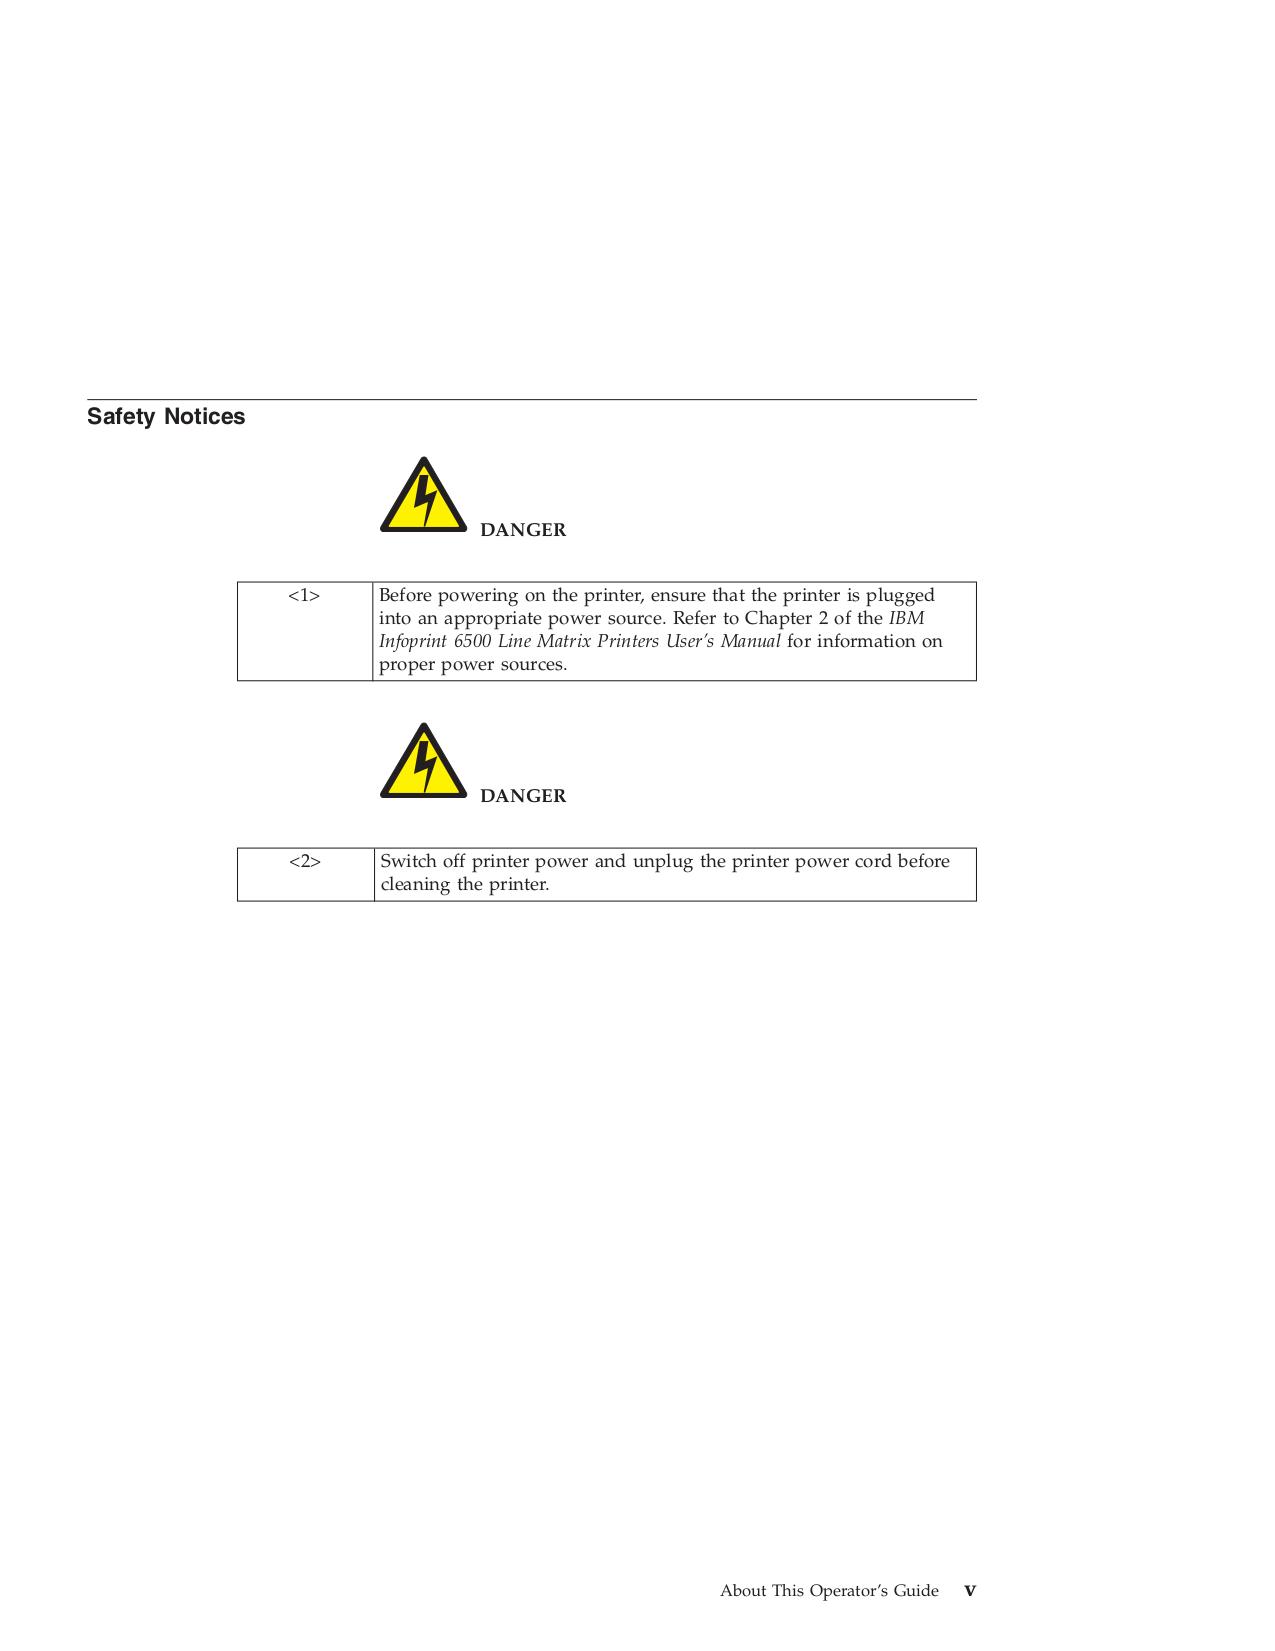 pdf manual for ibm printer infoprint 6500 rh umlib com IBM 6400 Line Printer Ribbon Printer